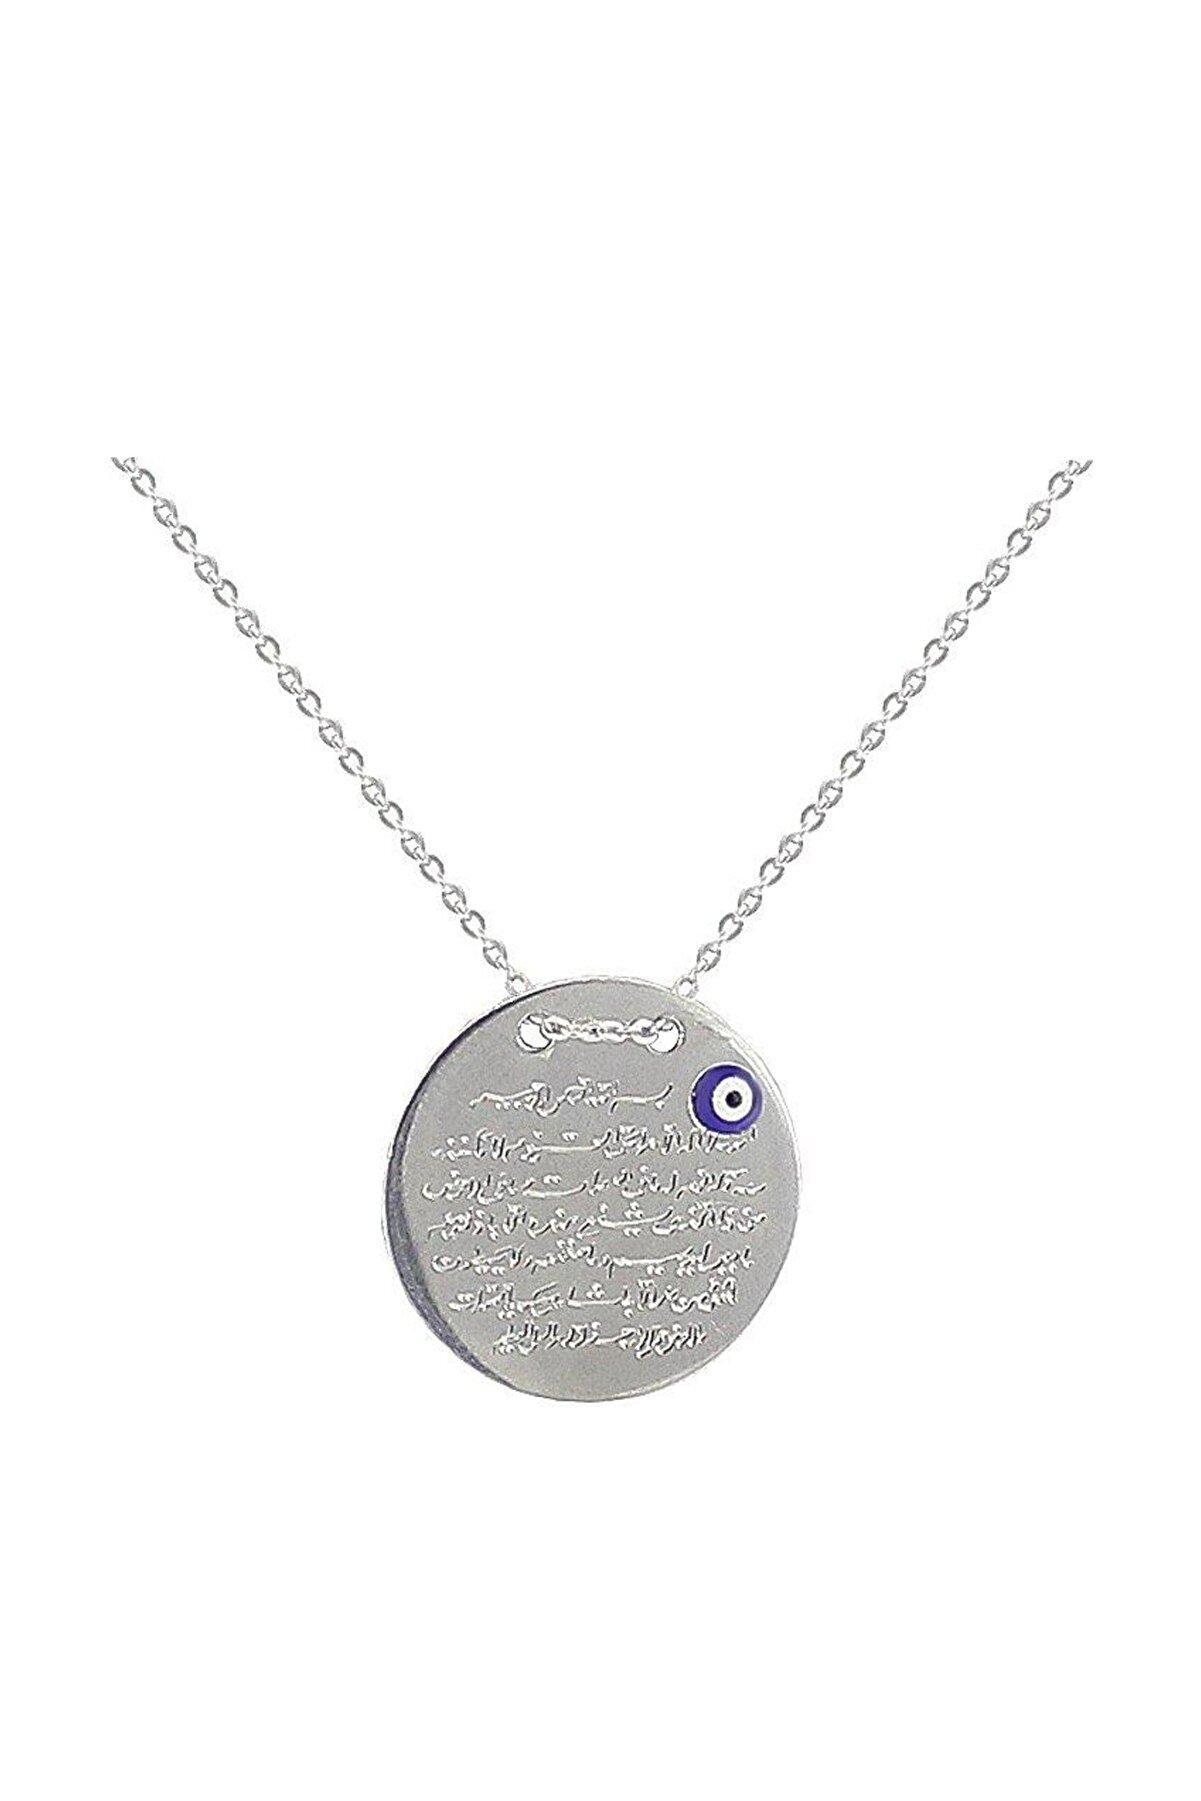 Söğütlü Silver 925 Ayar Gümüş Rodyumlu Ayetel Kursi Yazılı Kolye SGTL2712